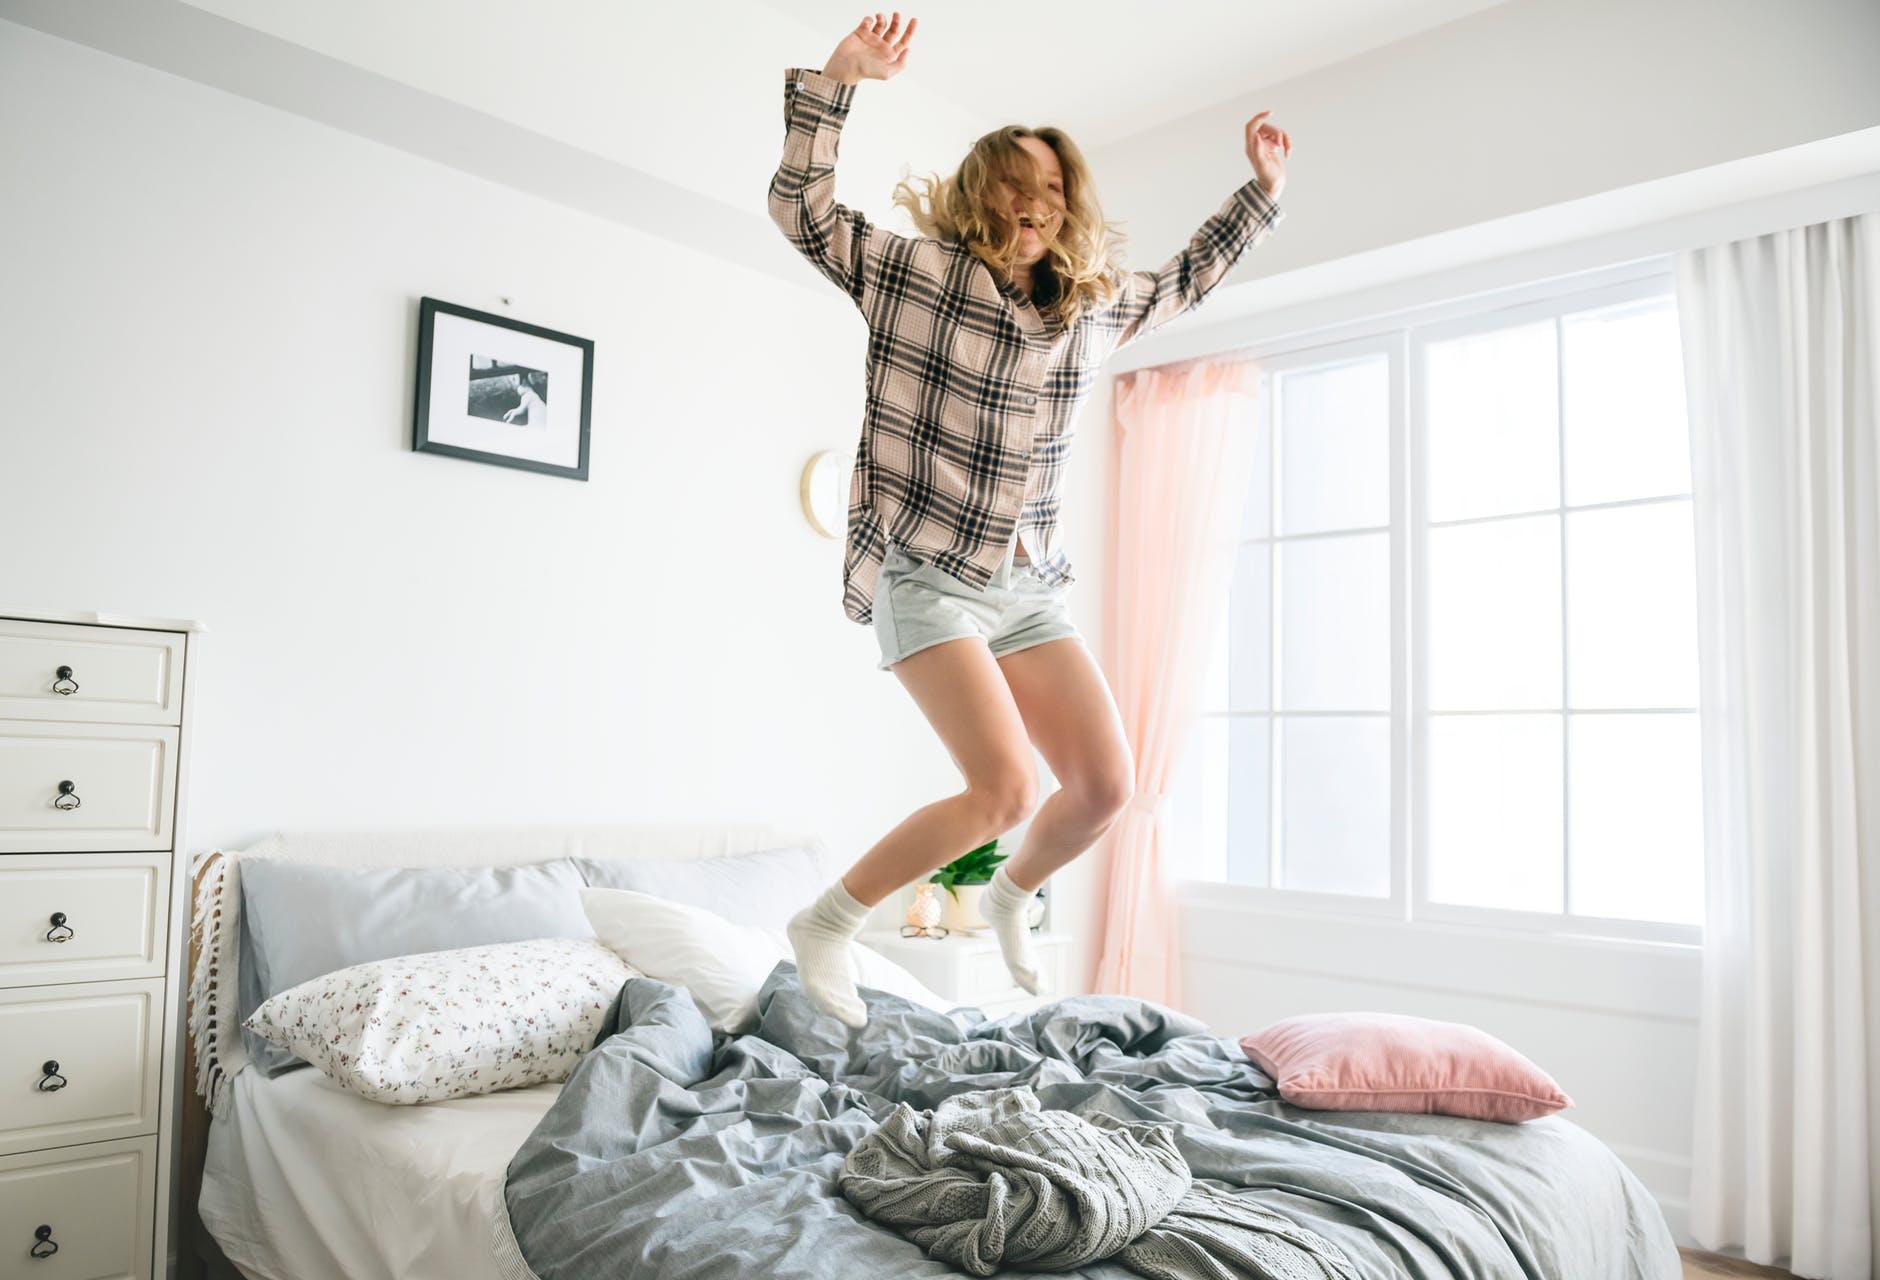 Správná péče o matraci značně zvýší kvalitu vašeho spánku